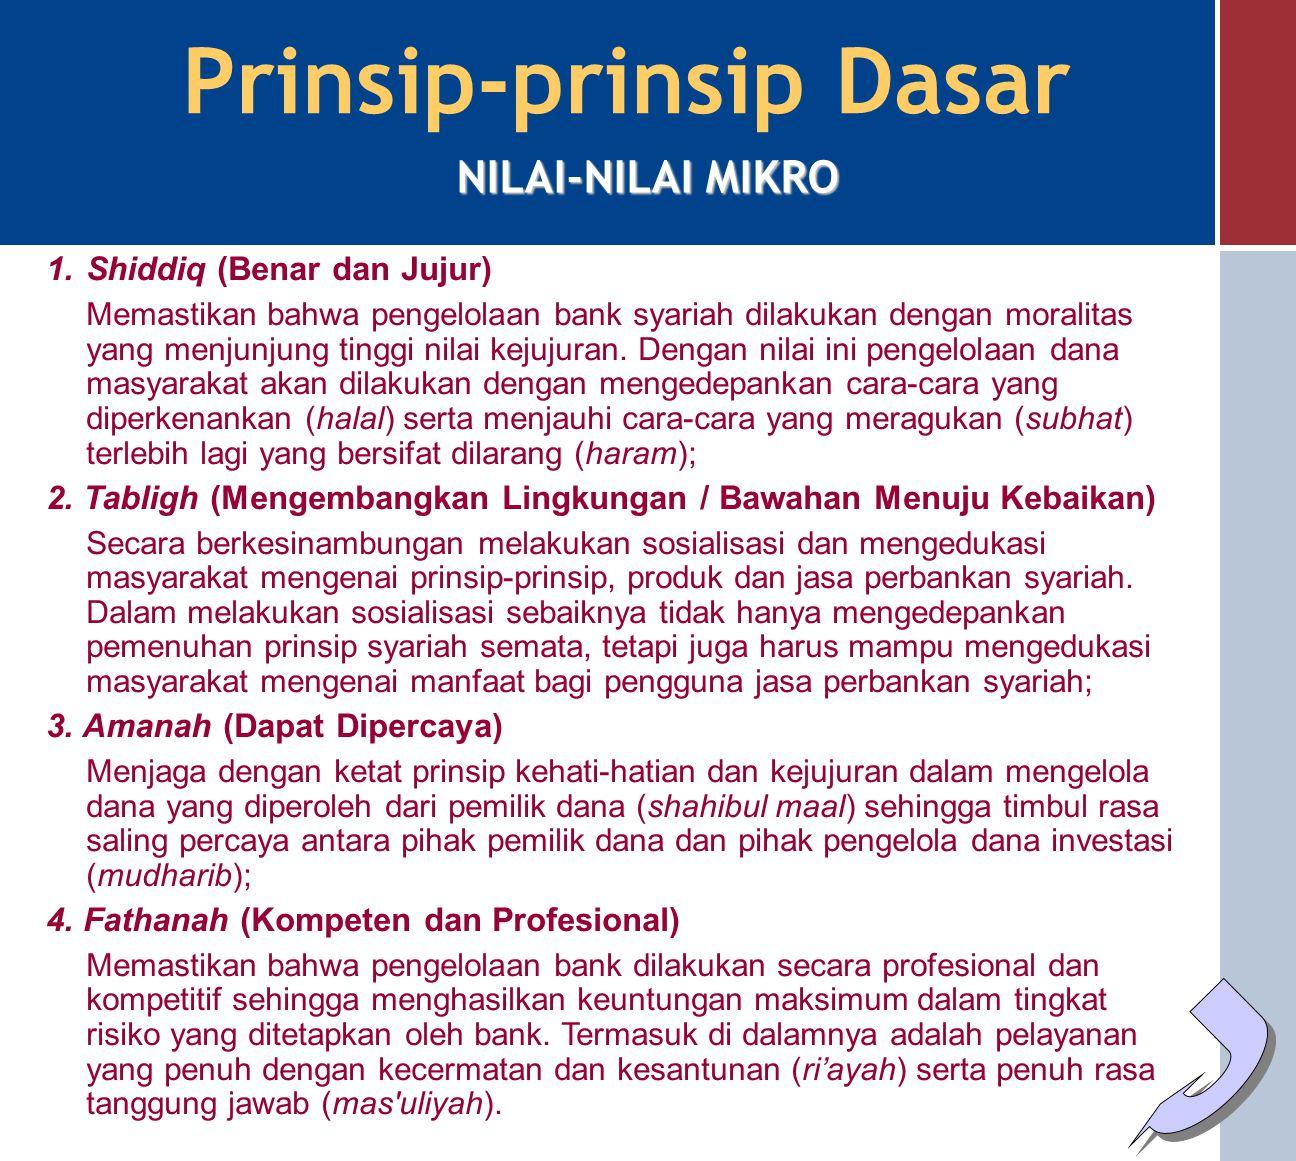 Prinsip-prinsip Dasar  Bebas dari hal-hal yang rusak atau tidak sah (bathil):  Uang sebagai alat tukar: Fungsi dasar uang sebagai alat tukar Uang bu